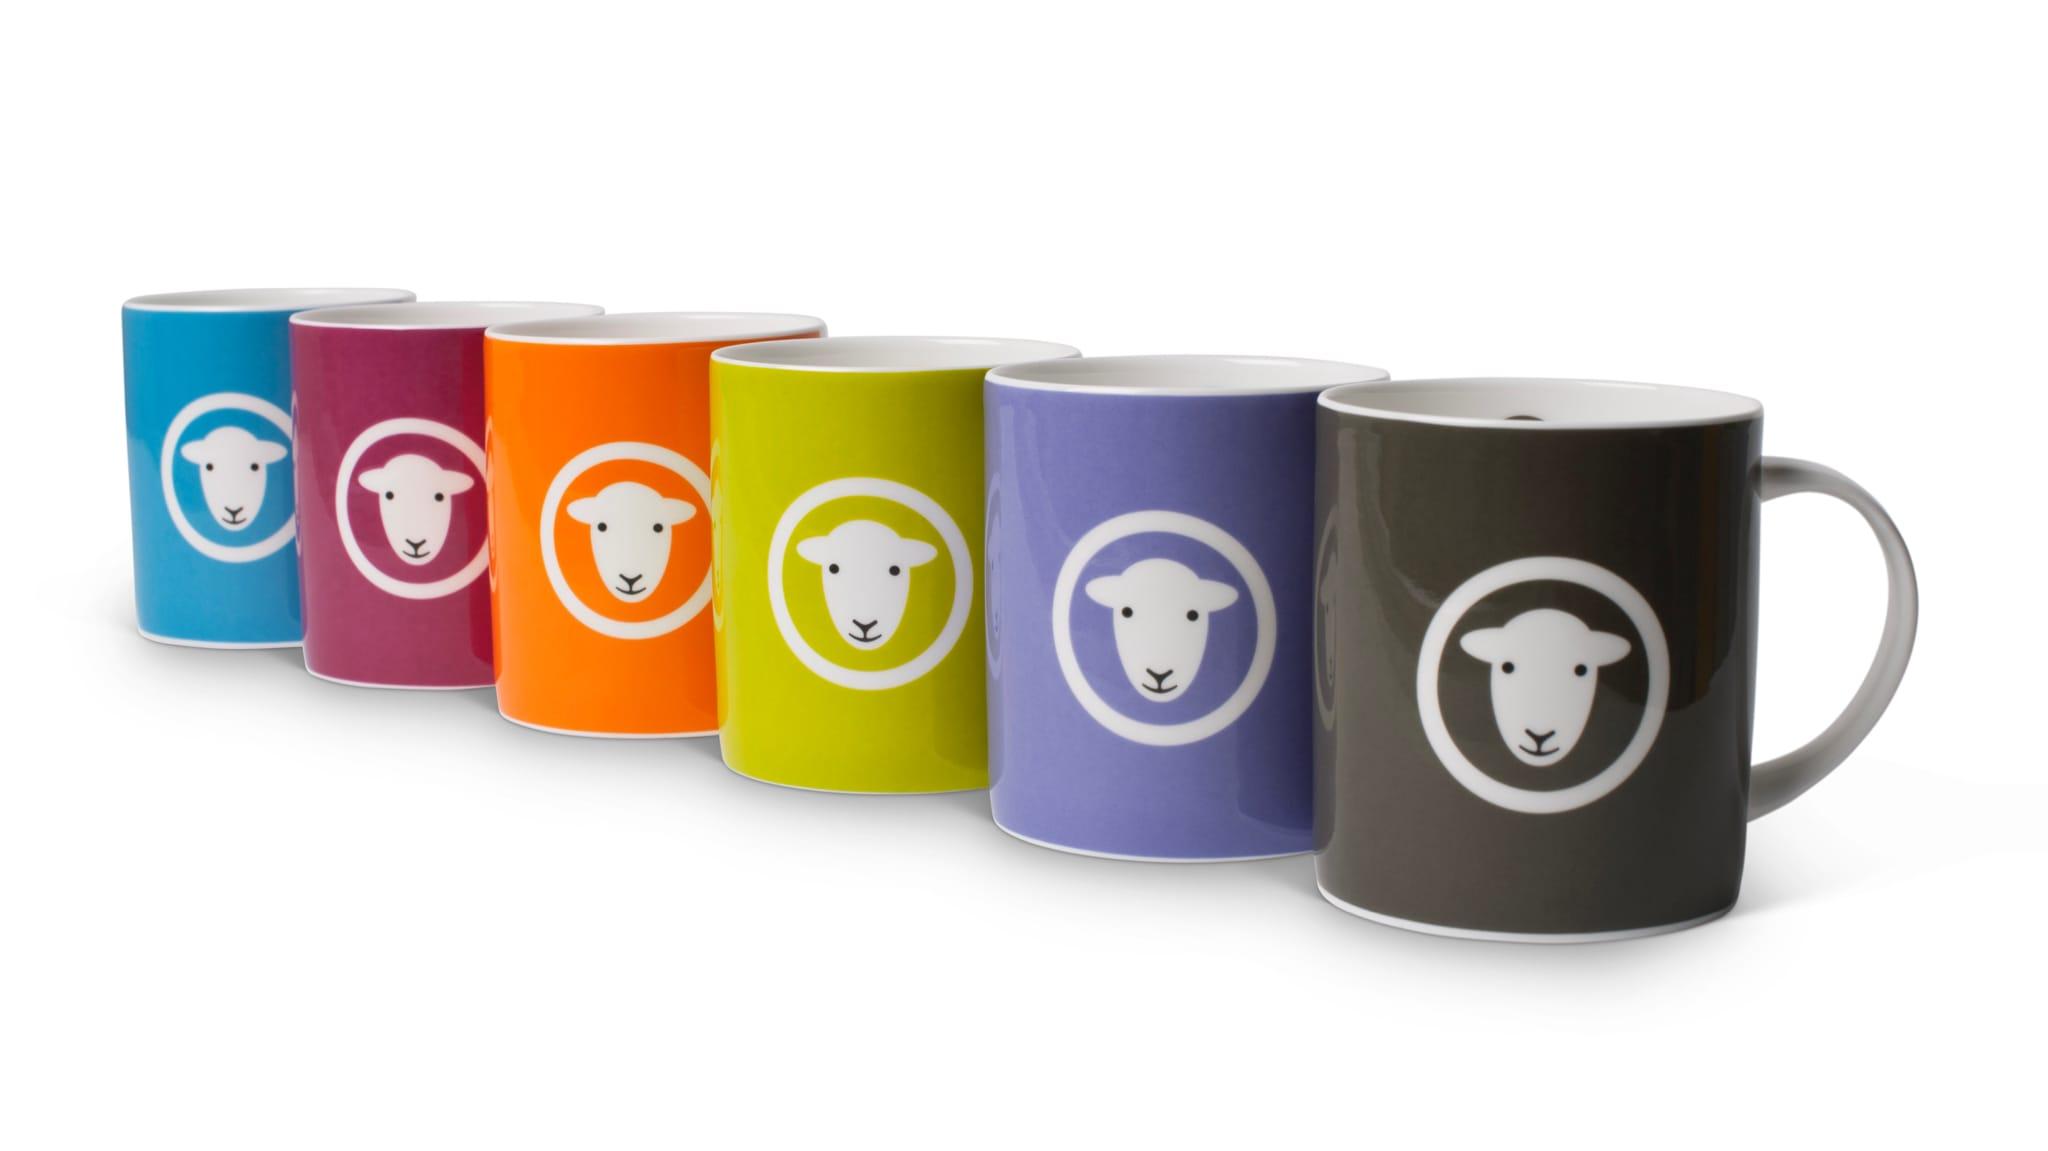 The Herdy Classic mug range